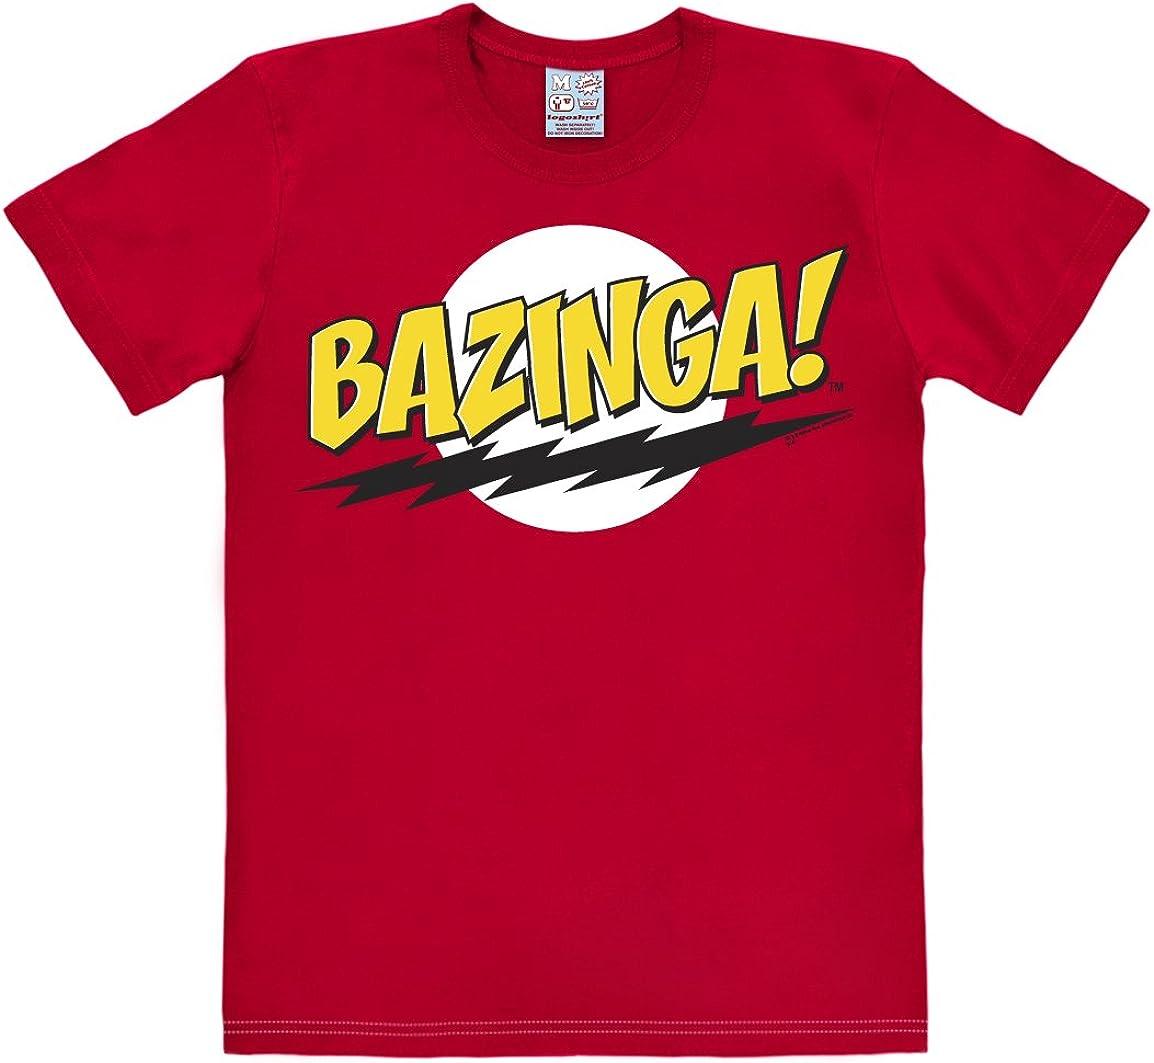 T-Shirt Big Bang Theory Sheldon T-Shirt /à col Rond de Rouge Logoshirt T-Shirt Bazinga Design Original sous Licence